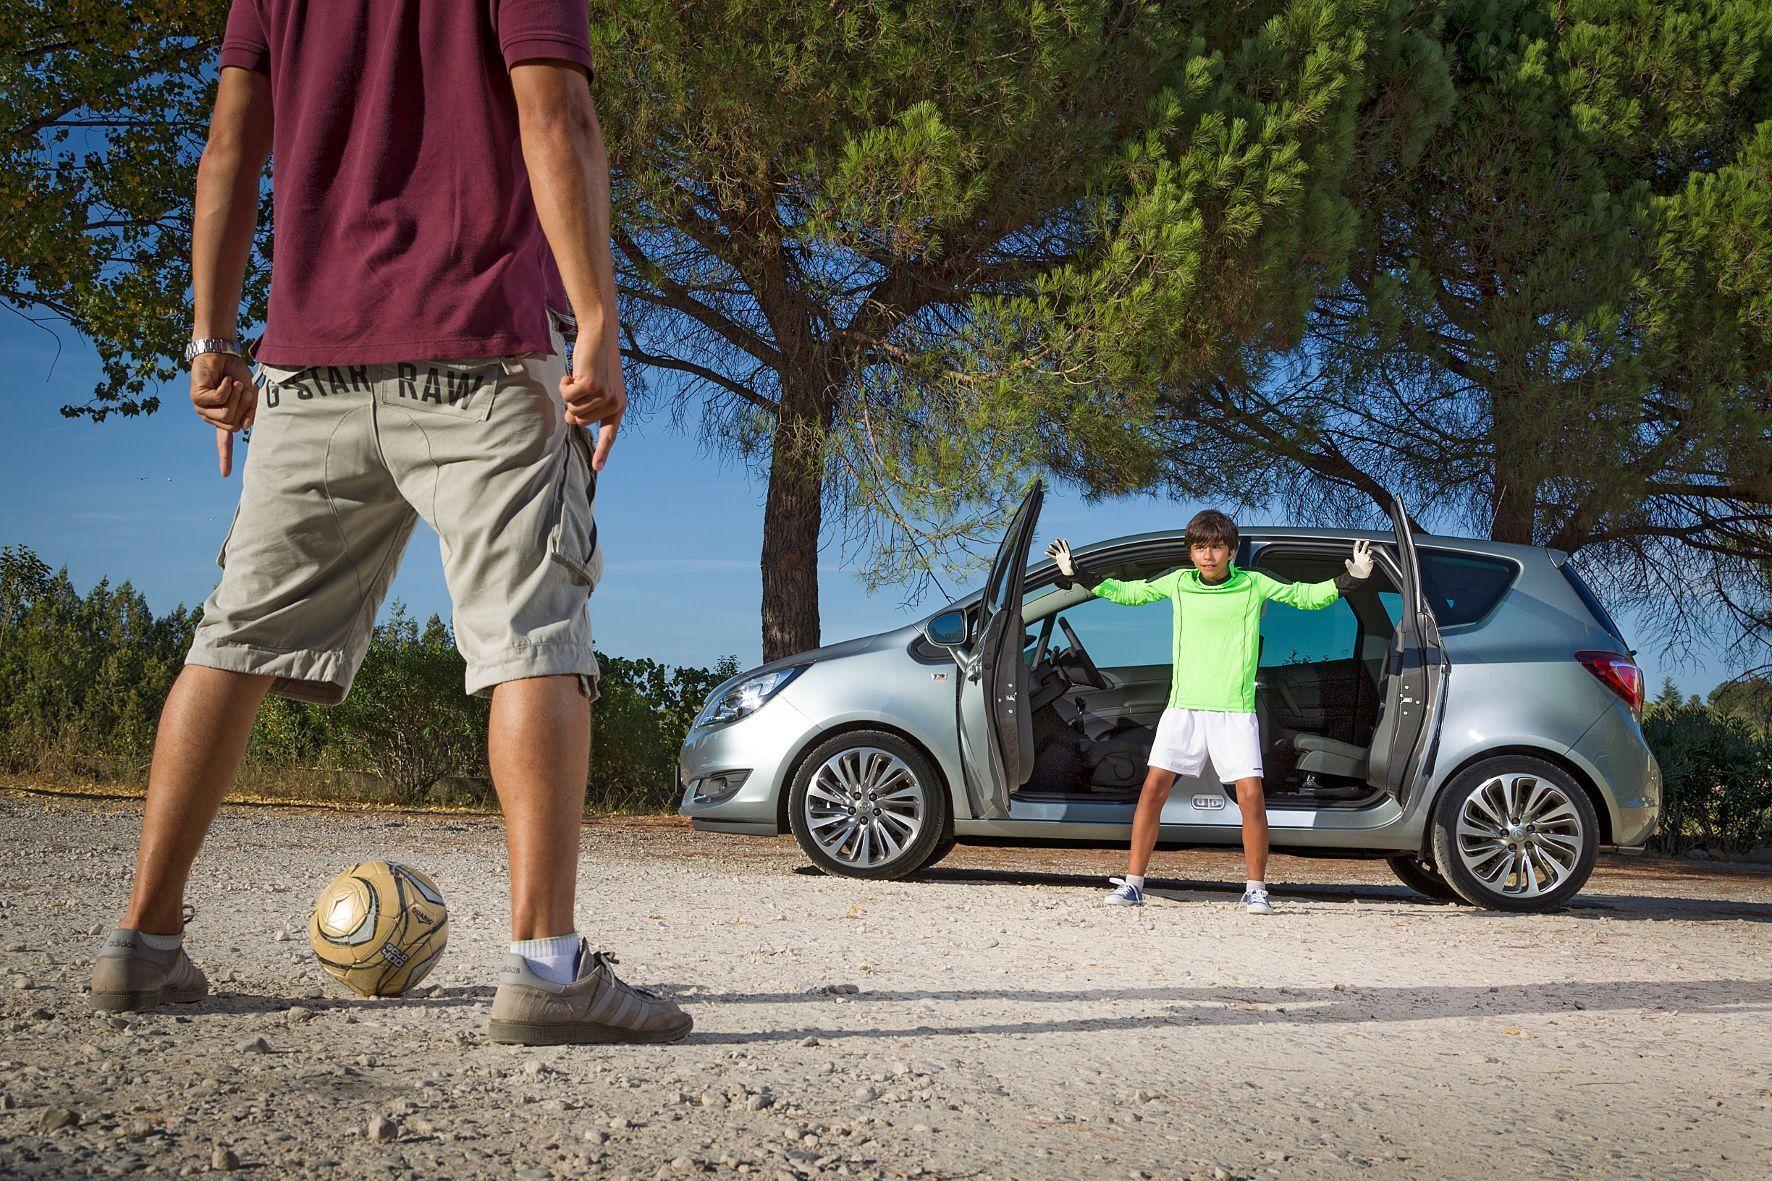 mid Groß-Gerau - Das Tor mach weit: Gegenläufig öffnende Fondtüren machen beim Opel Meriva den Einstieg leicht.